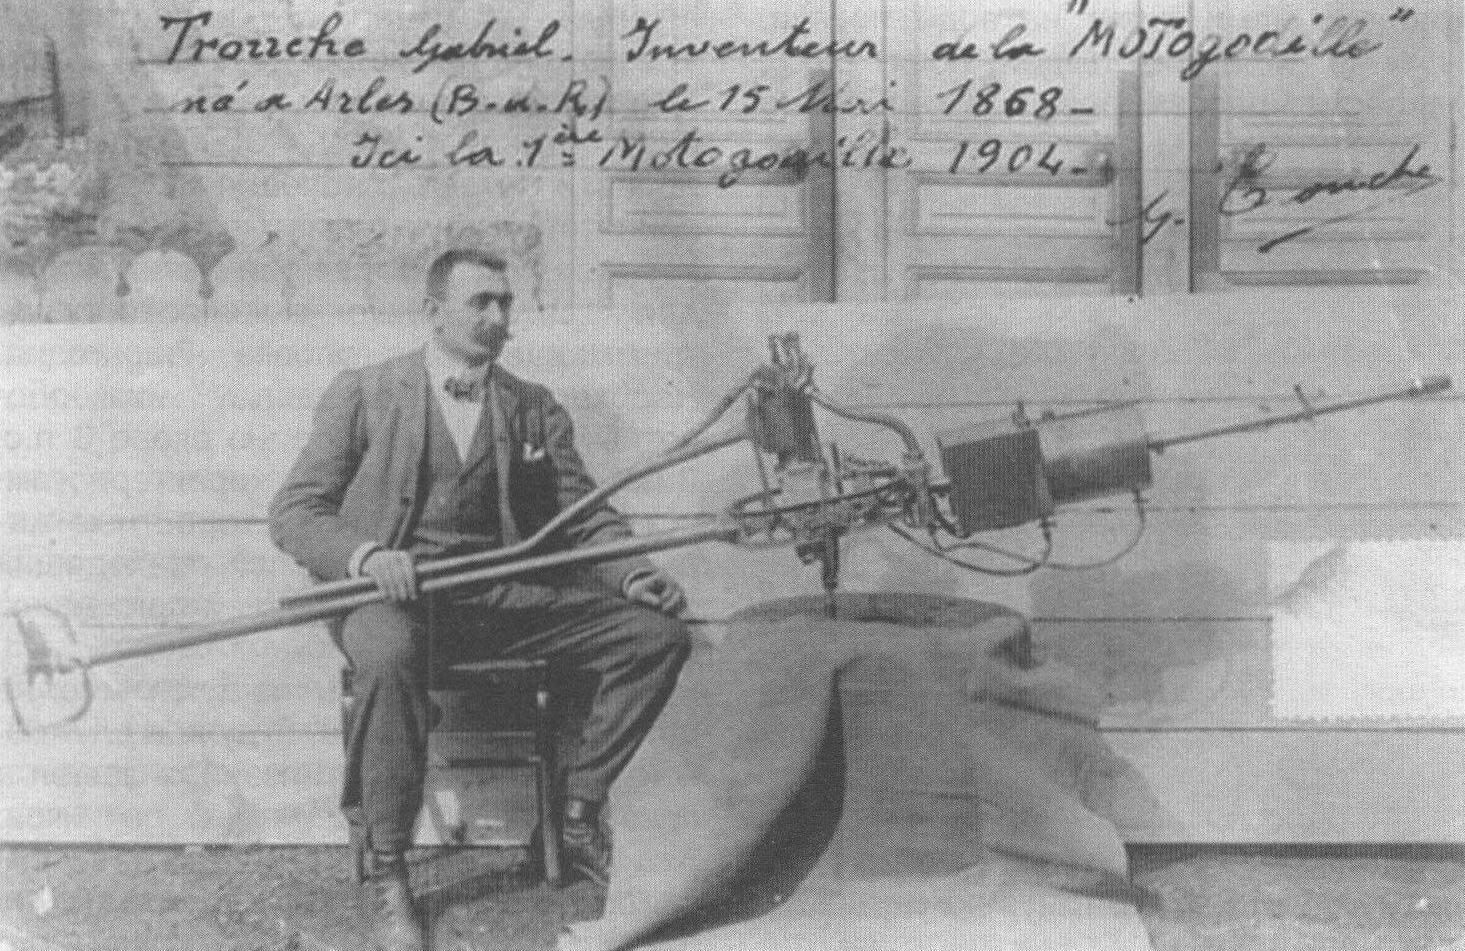 Изобретатель мотор-весла француз Габриэль Труше со своим детищем (фото 1904 года)